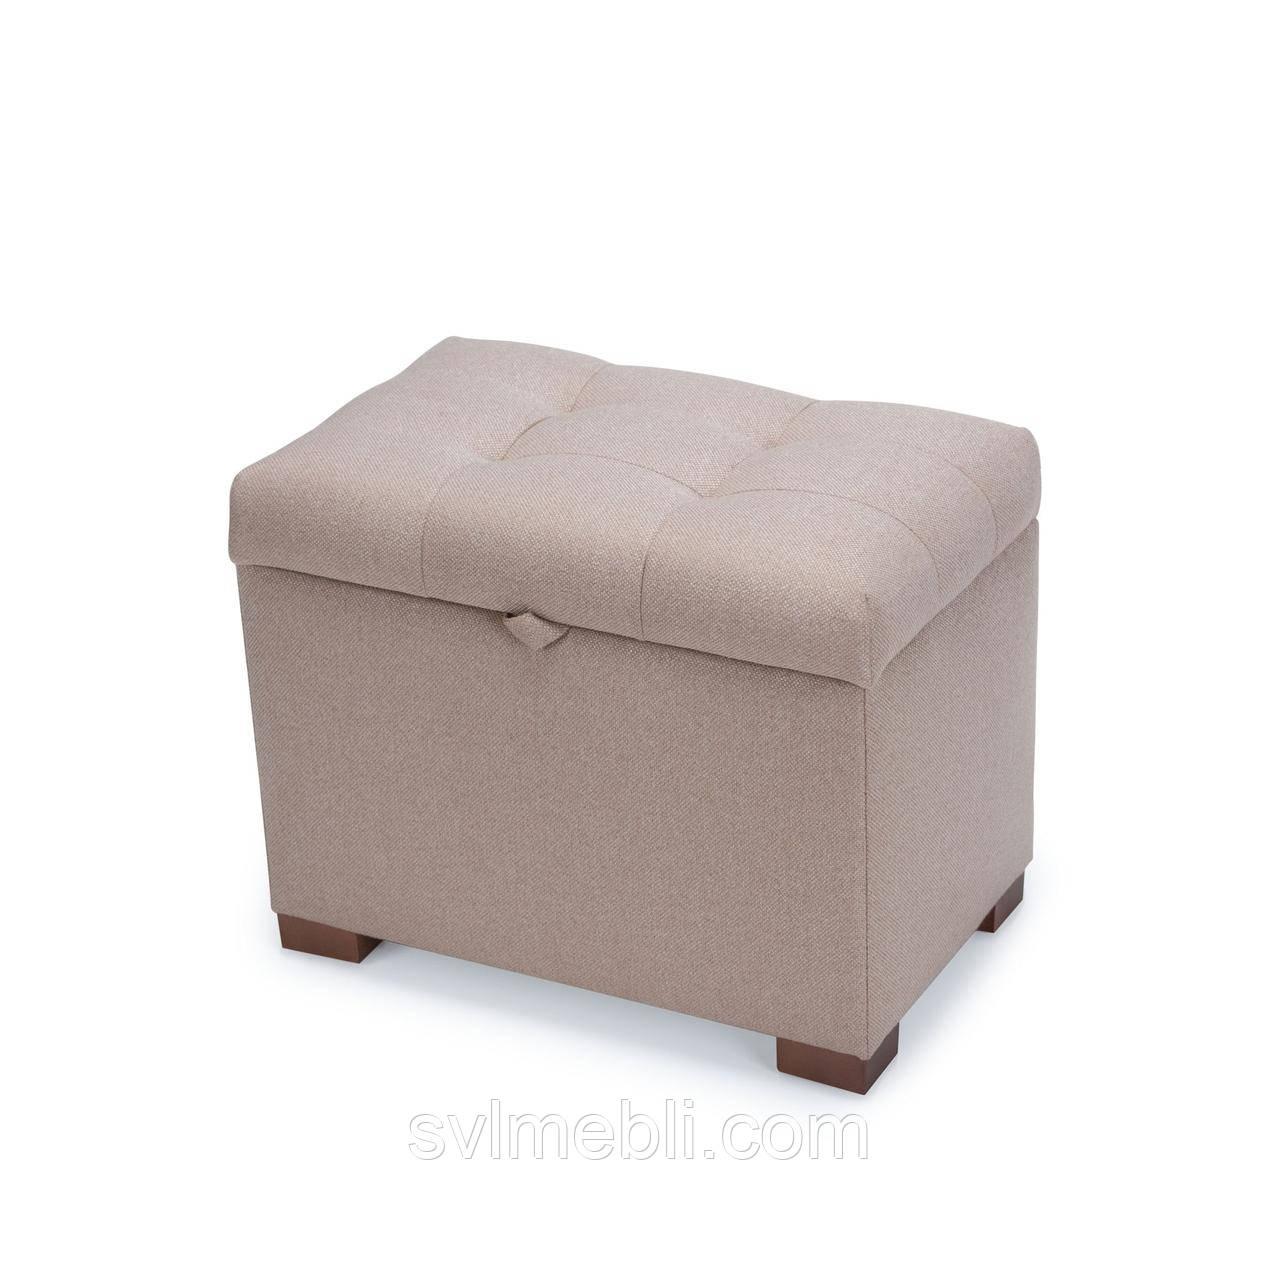 Пуф с ящиком Турин, рогожка песочный, ножки орех